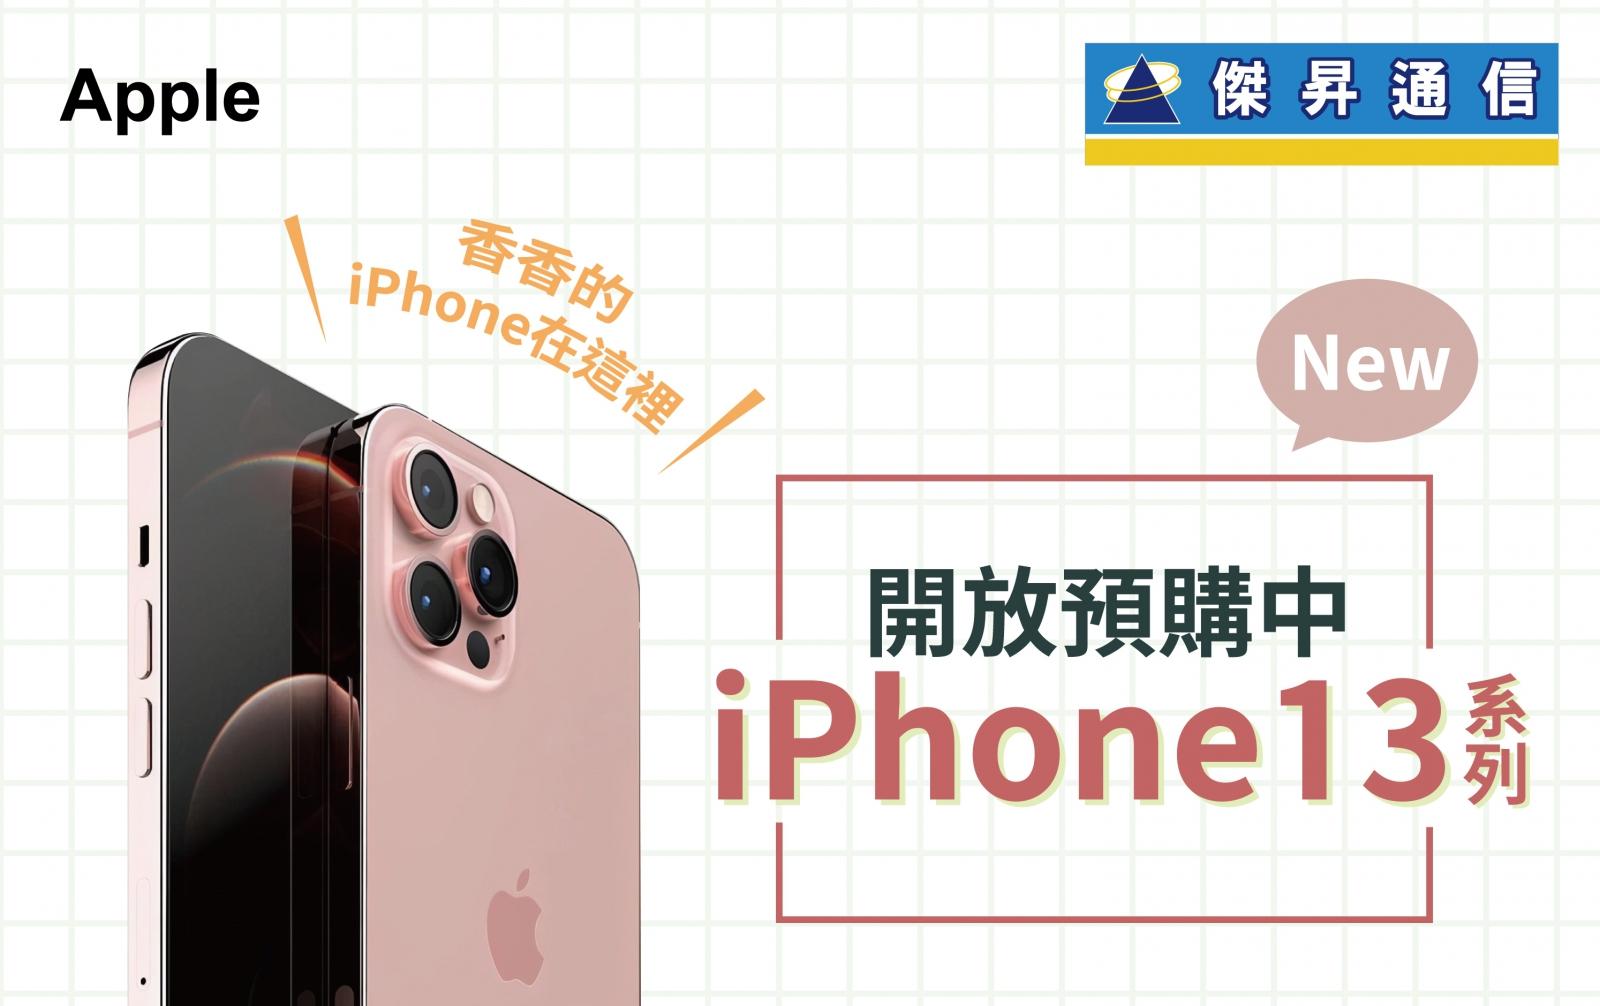 【購機技巧】iPhone 13預購免訂金!來店登記即享超值好禮